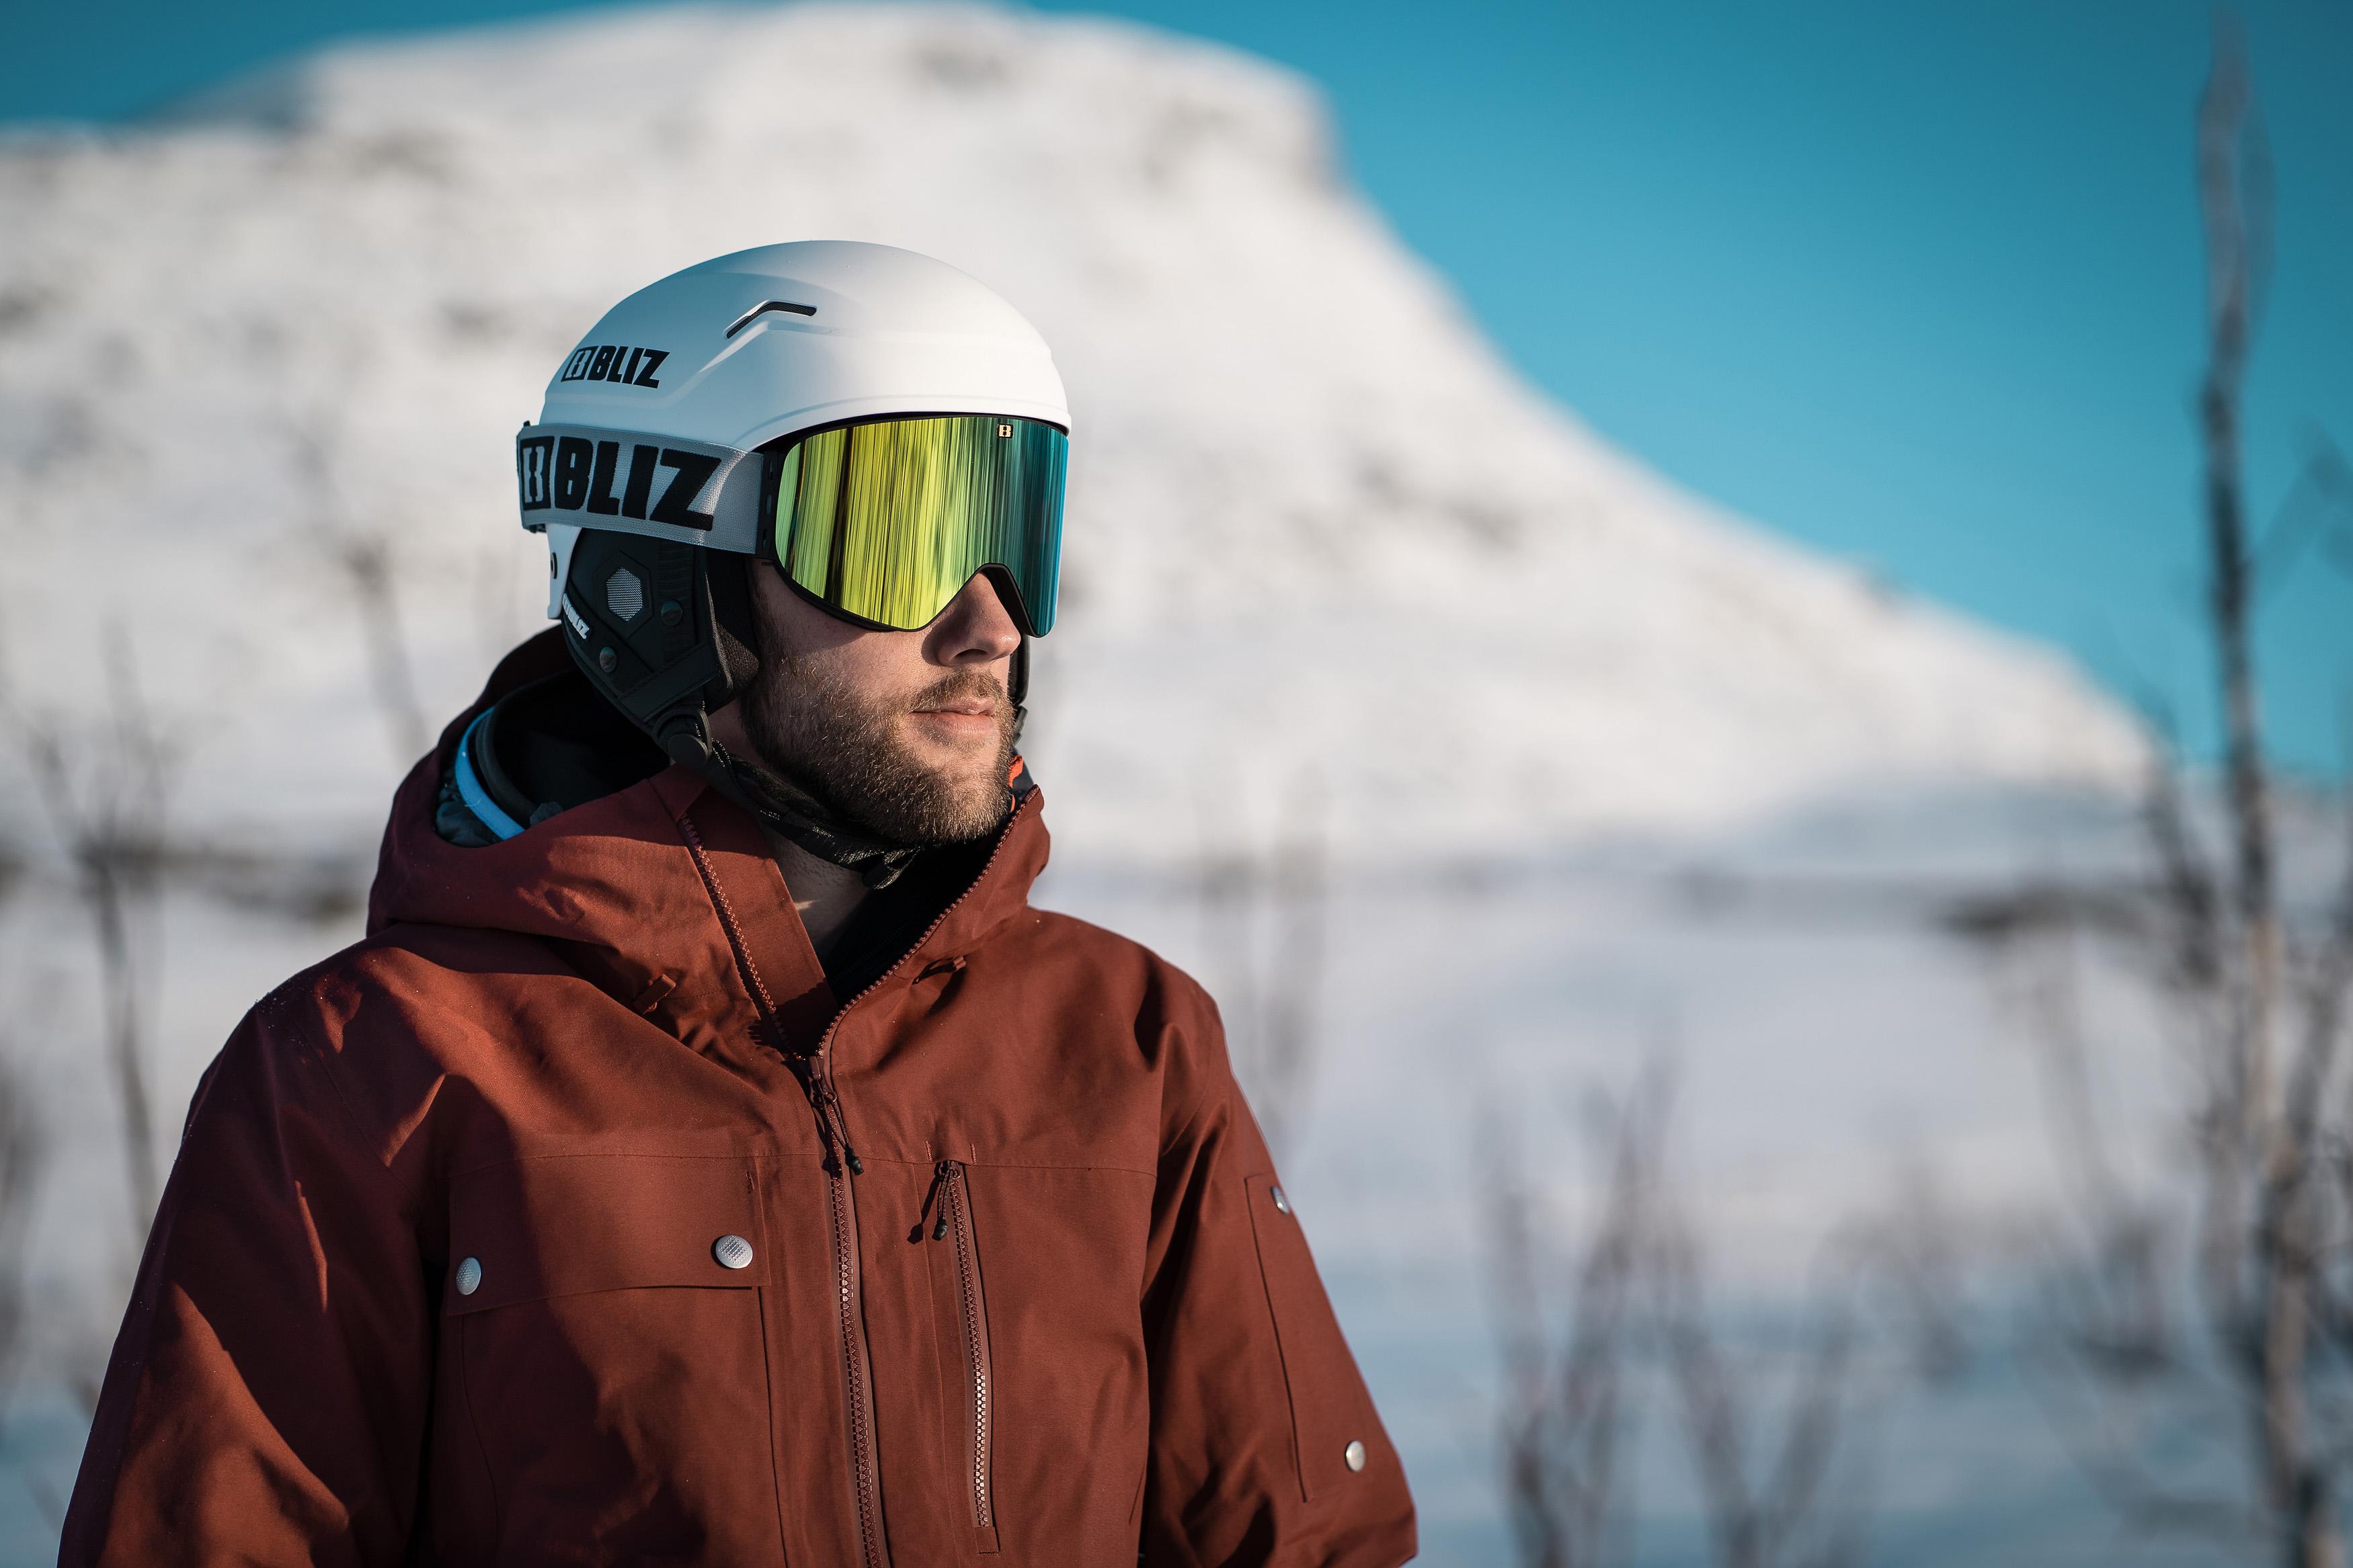 37146-19-flow-55808-00-evo-bliz-ski-goggles-ski-helmet-adventure-matt-white-sportsglasses-lifestyle1.jpg